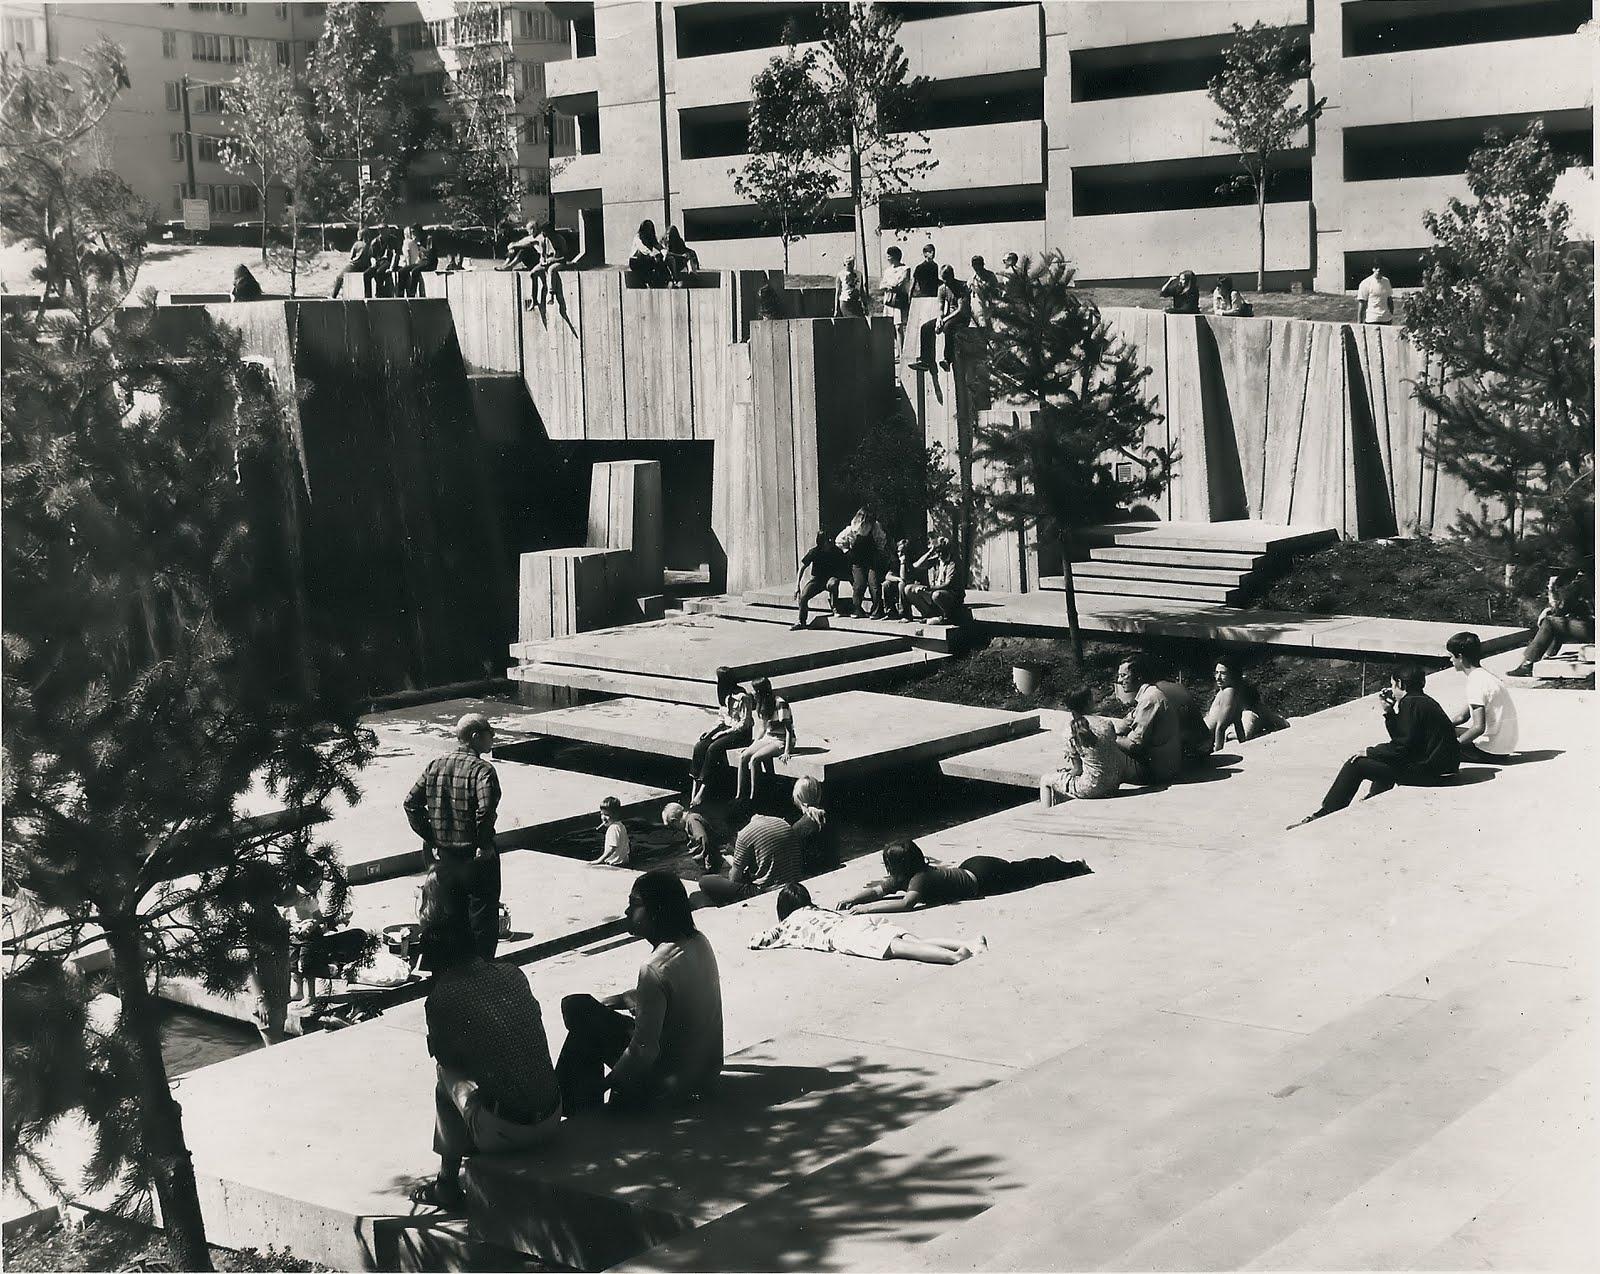 forecourt-fountain-1970